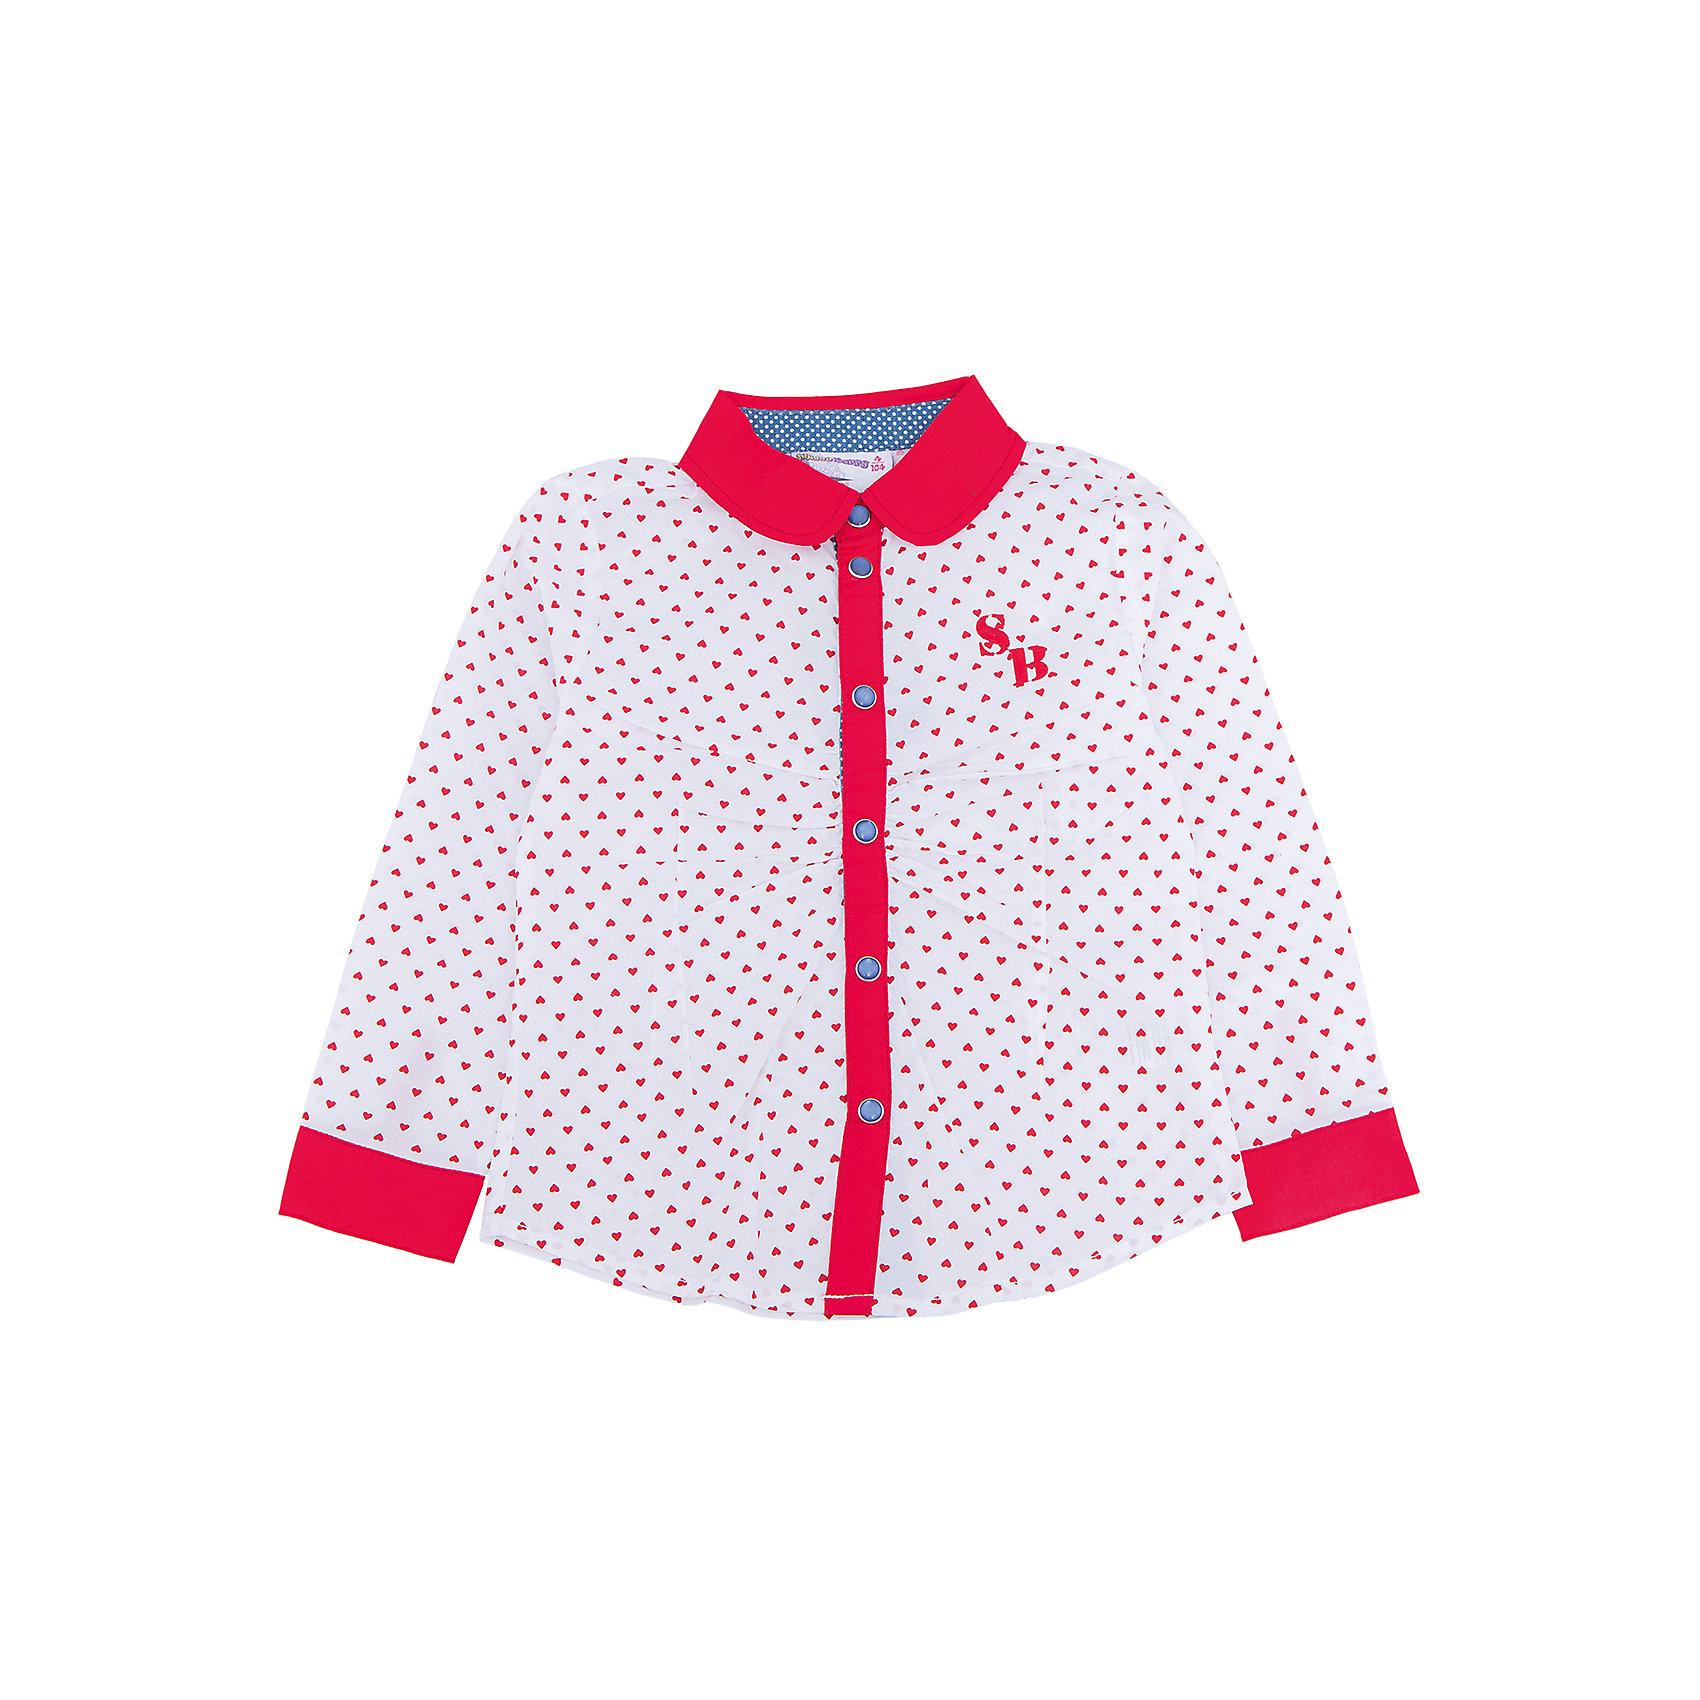 Блузка для девочки Sweet BerryТакая блузка для девочки отличается модным дизайном с ярким принтом. Удачный крой обеспечит ребенку комфорт и тепло. Вещь плотно прилегает к телу там, где нужно, и отлично сидит по фигуре. Декорирована защипами на полочке.<br>Одежда от бренда Sweet Berry - это простой и выгодный способ одеть ребенка удобно и стильно. Всё изделия тщательно проработаны: швы - прочные, материал - качественный, фурнитура - подобранная специально для детей. <br><br>Дополнительная информация:<br><br>цвет: красный;<br>материал: 100% хлопок;<br>застежки: кнопки.<br><br>Блузку для девочки от бренда Sweet Berry можно купить в нашем интернет-магазине.<br><br>Ширина мм: 186<br>Глубина мм: 87<br>Высота мм: 198<br>Вес г: 197<br>Цвет: красный<br>Возраст от месяцев: 36<br>Возраст до месяцев: 48<br>Пол: Женский<br>Возраст: Детский<br>Размер: 104,116,110,98,128,122<br>SKU: 4931511